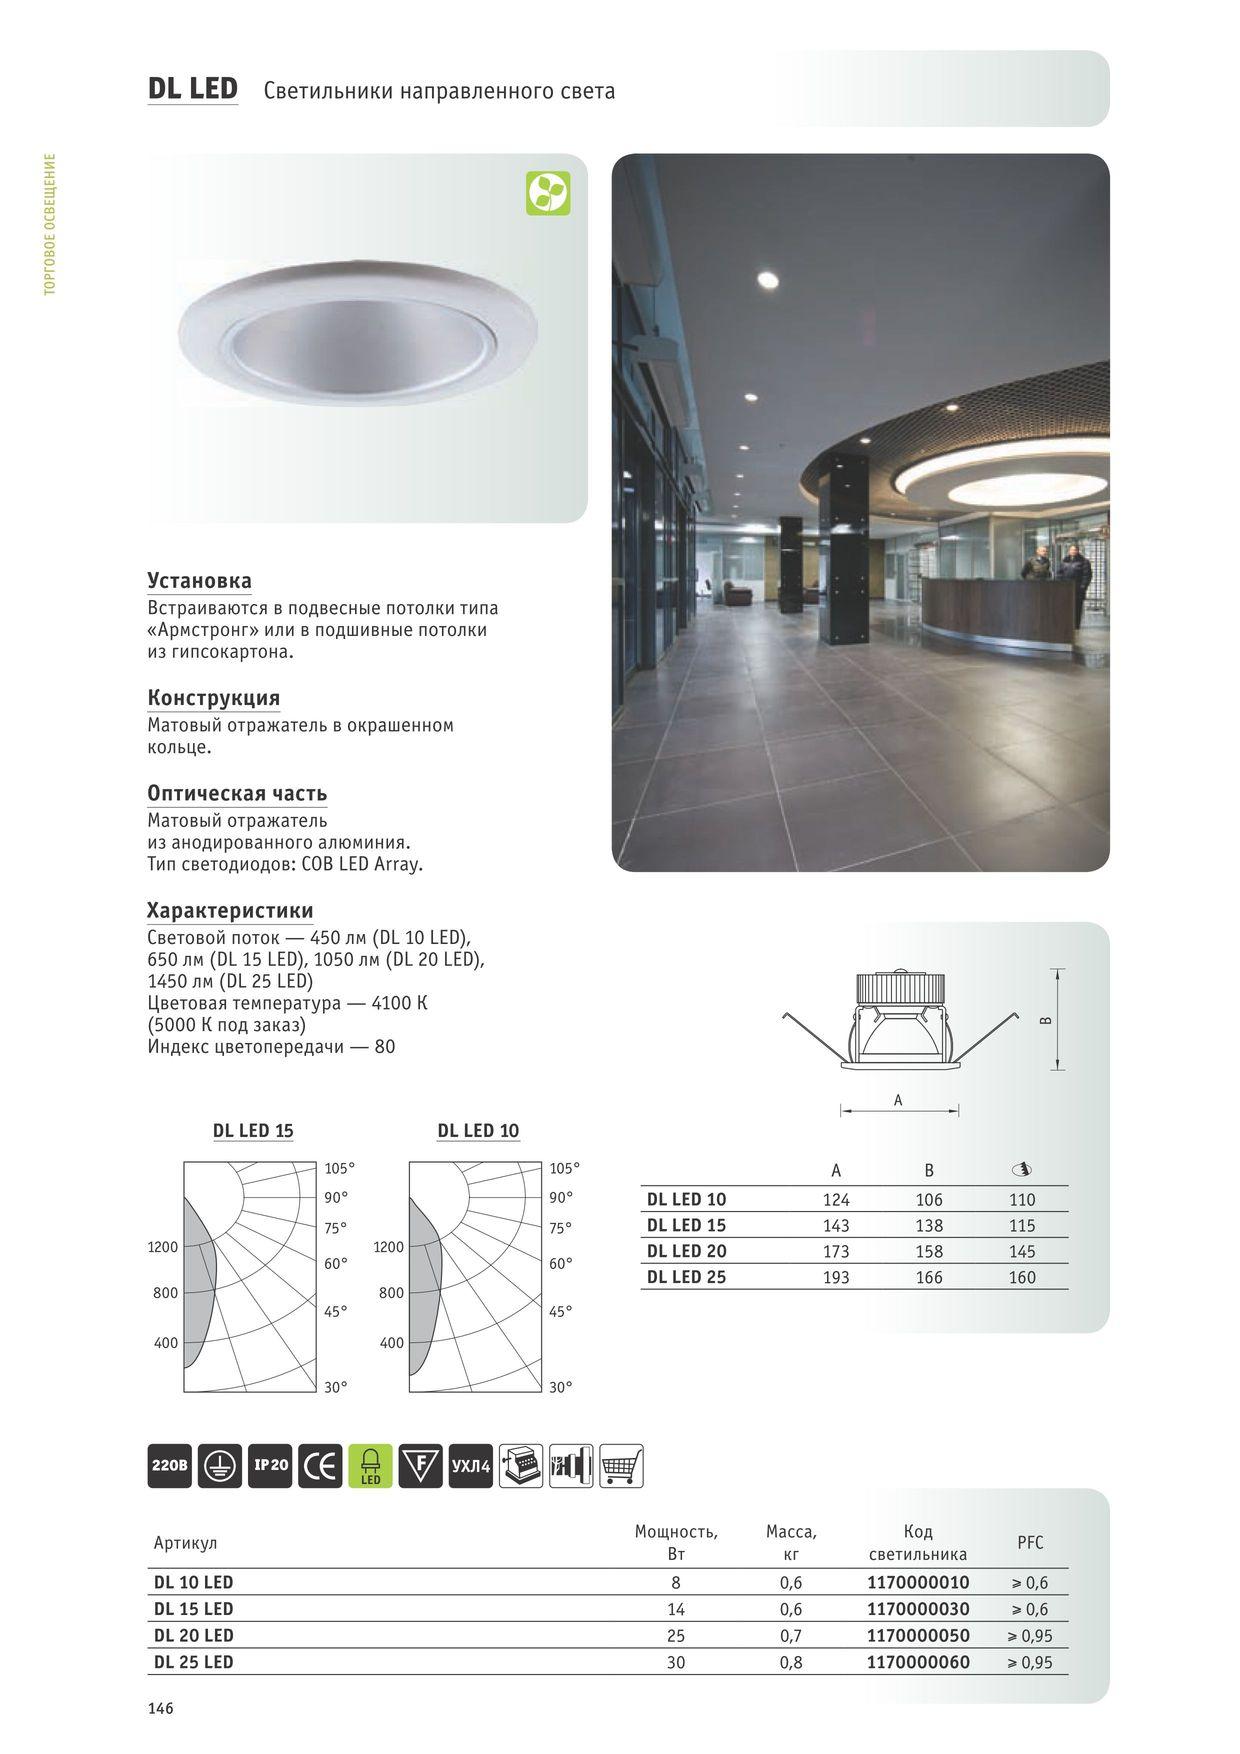 Схема как подключить led светильник